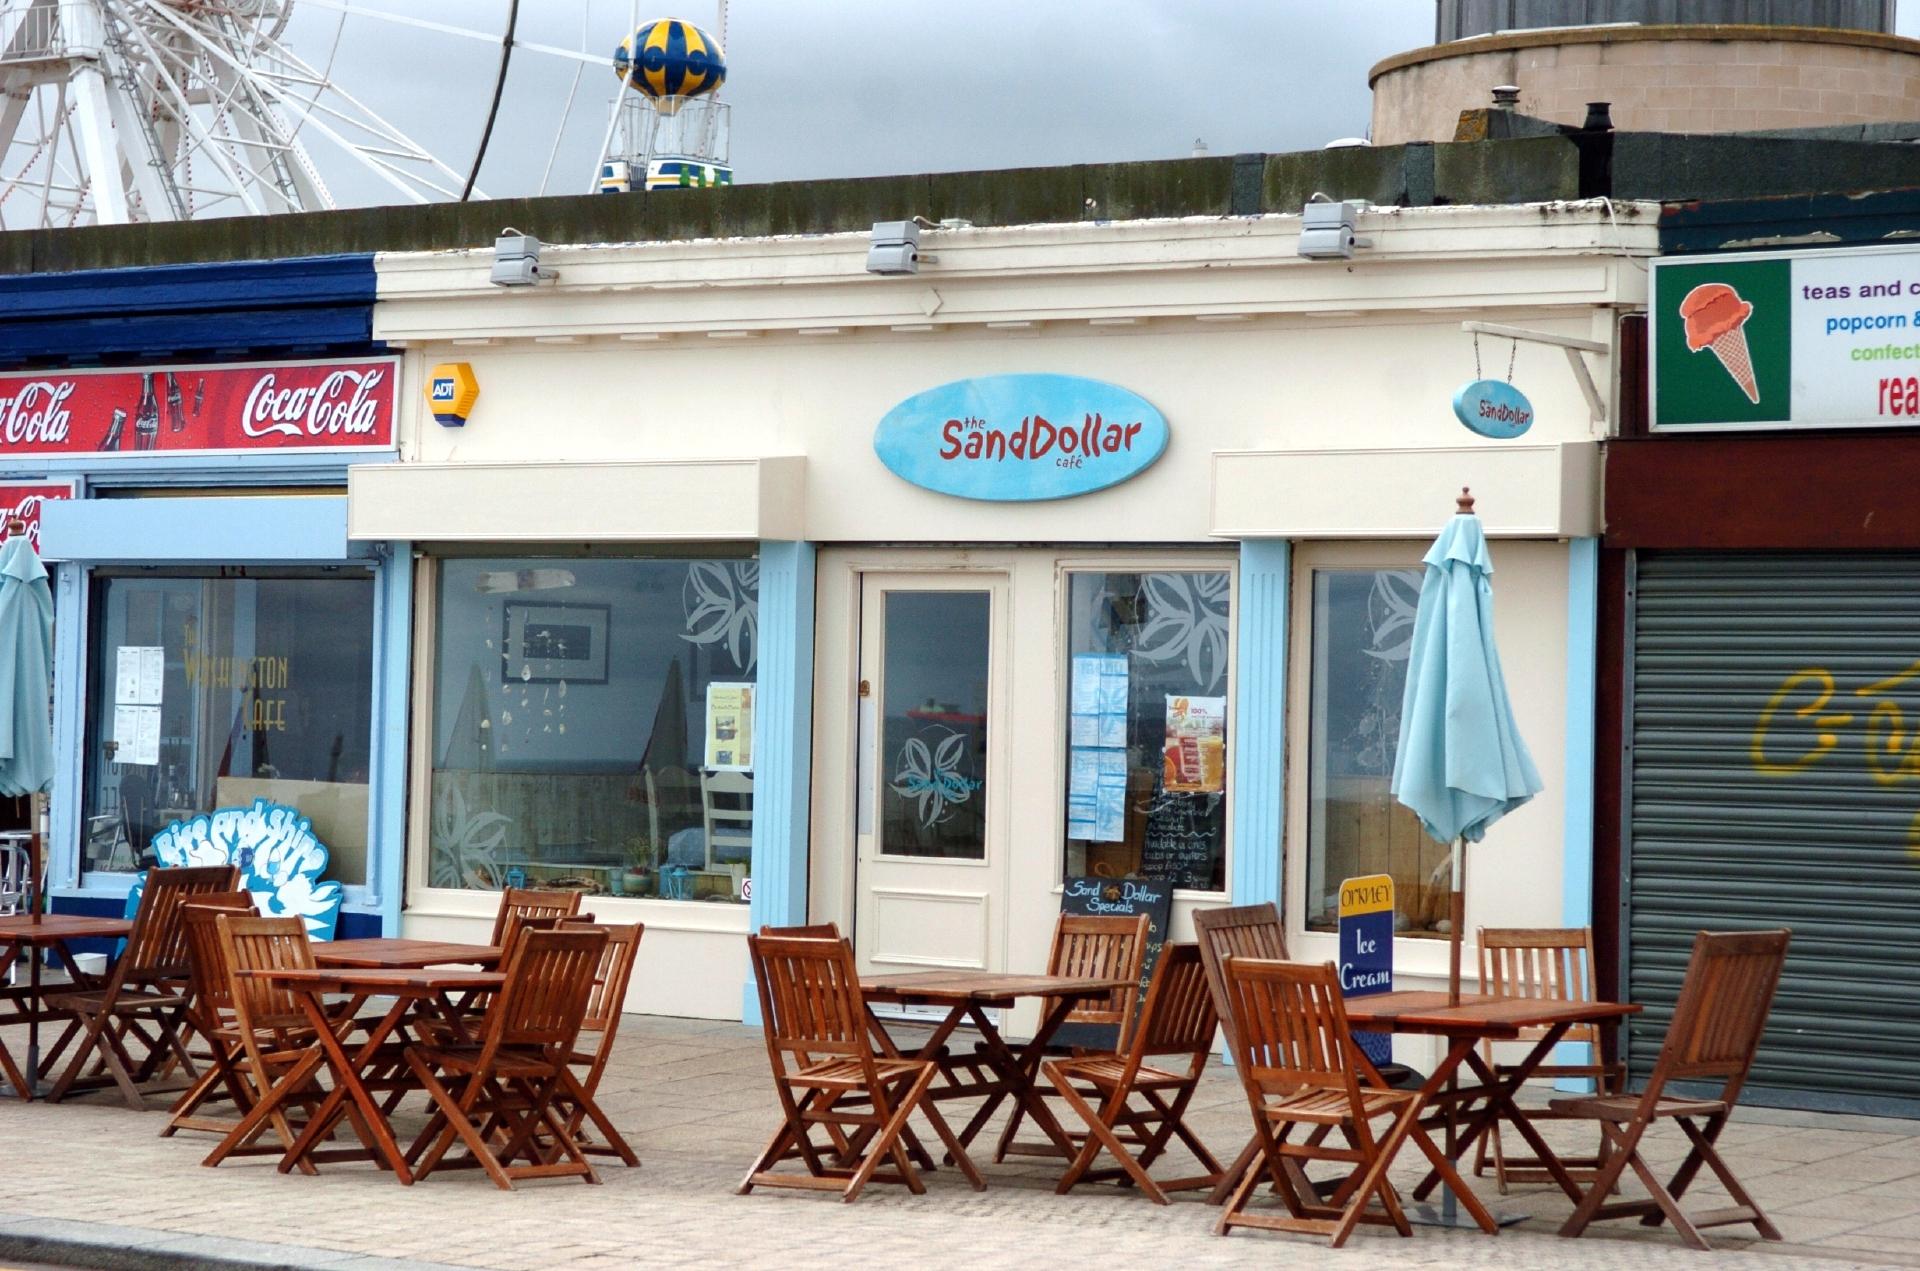 The Sand Dollar Cafe (Gordon Lennox)